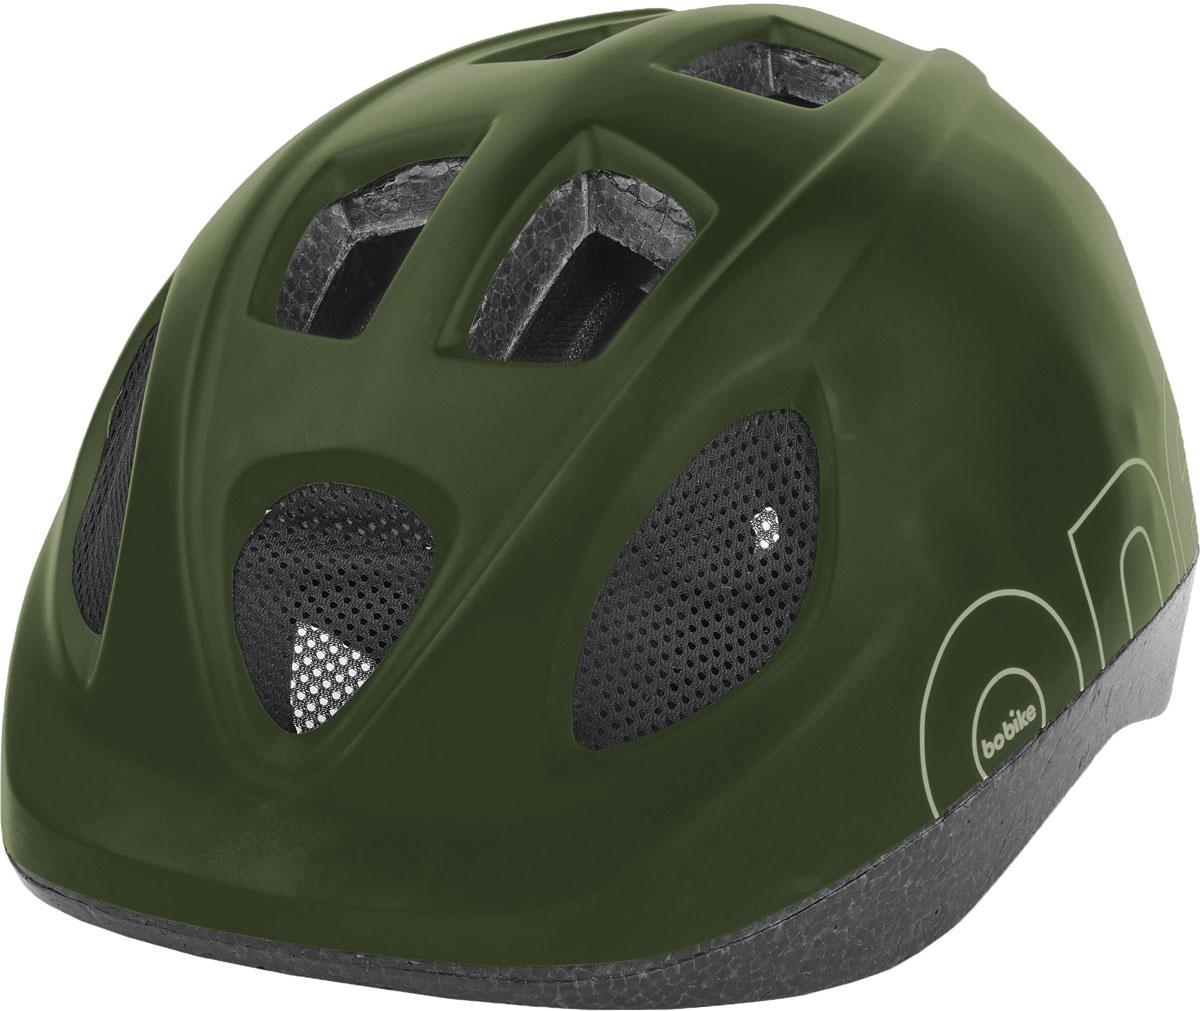 Шлем велосипедный Bobike One Olive Green, детский, цвет: зеленый. Размер S (52-56 см)8740300026Девиз Bobike – просто безопасно! Важнейшей частью безопасного катания на велосипеде является шлем. Серия шлемов Bobike ONE – это качественные шлемы доступные в цветах кресел Bobike ONE. Вы сможете подобрать шлем отлично дополняющий Ваше кресло, велосипед и образ в целом. Лёгкая конструкция с улучшенной защитой затылка. 9 вентиляционных отверстий обеспечивают великолепную циркуляцию воздуха. Каждое вентиляционное отверстие закрыто противомоскитной сеткой, защищая голову от летящих жуков. Шлем имеет регулировку размера для идеальной подгонки посадки шлема под голову вашего ребёнка и светоотражающую наклейку на затылке, увеличивающую заметность ребёнка на дороге.• Цвета в стиле кресел Bobike ONE• 9 вентиляционных отверстий• Регулировка размера на затылке• Светоотражающай элемент, для лучше заметности на дороге• Возраст от 5 лет• Размер S: от 52 до 56 см• Вес: 235 г.